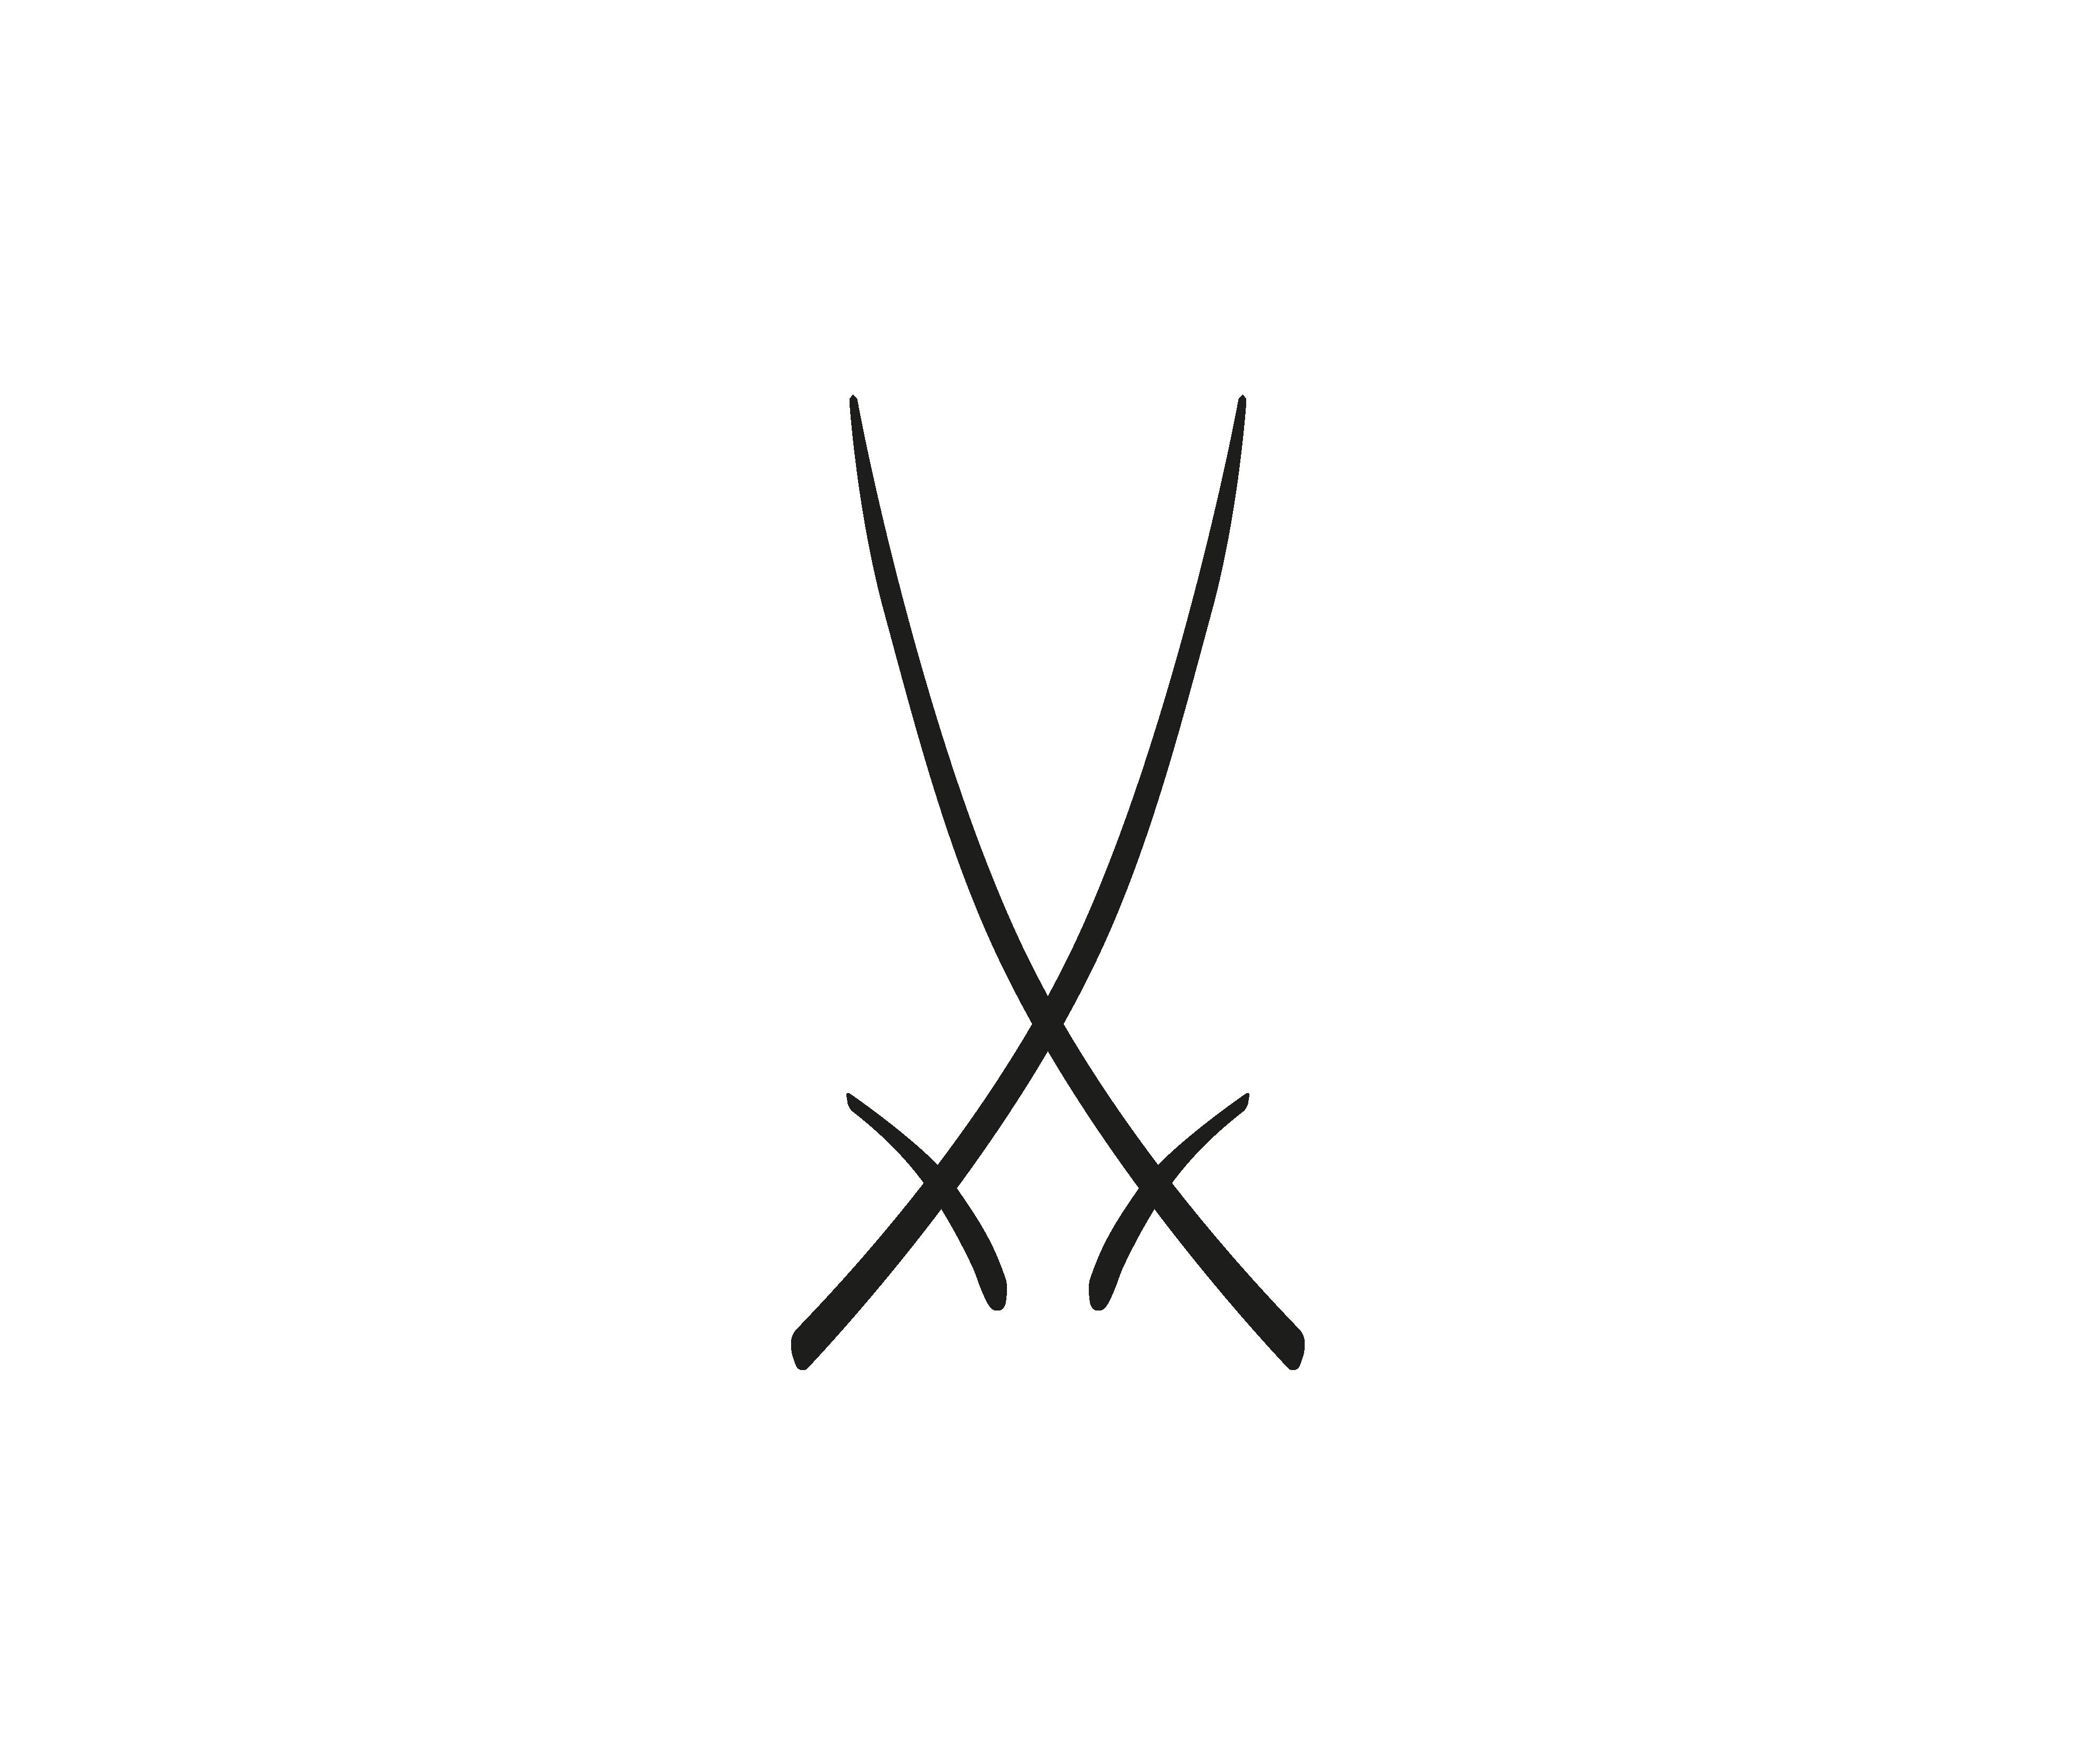 zeichenflache-2-kopie-23x